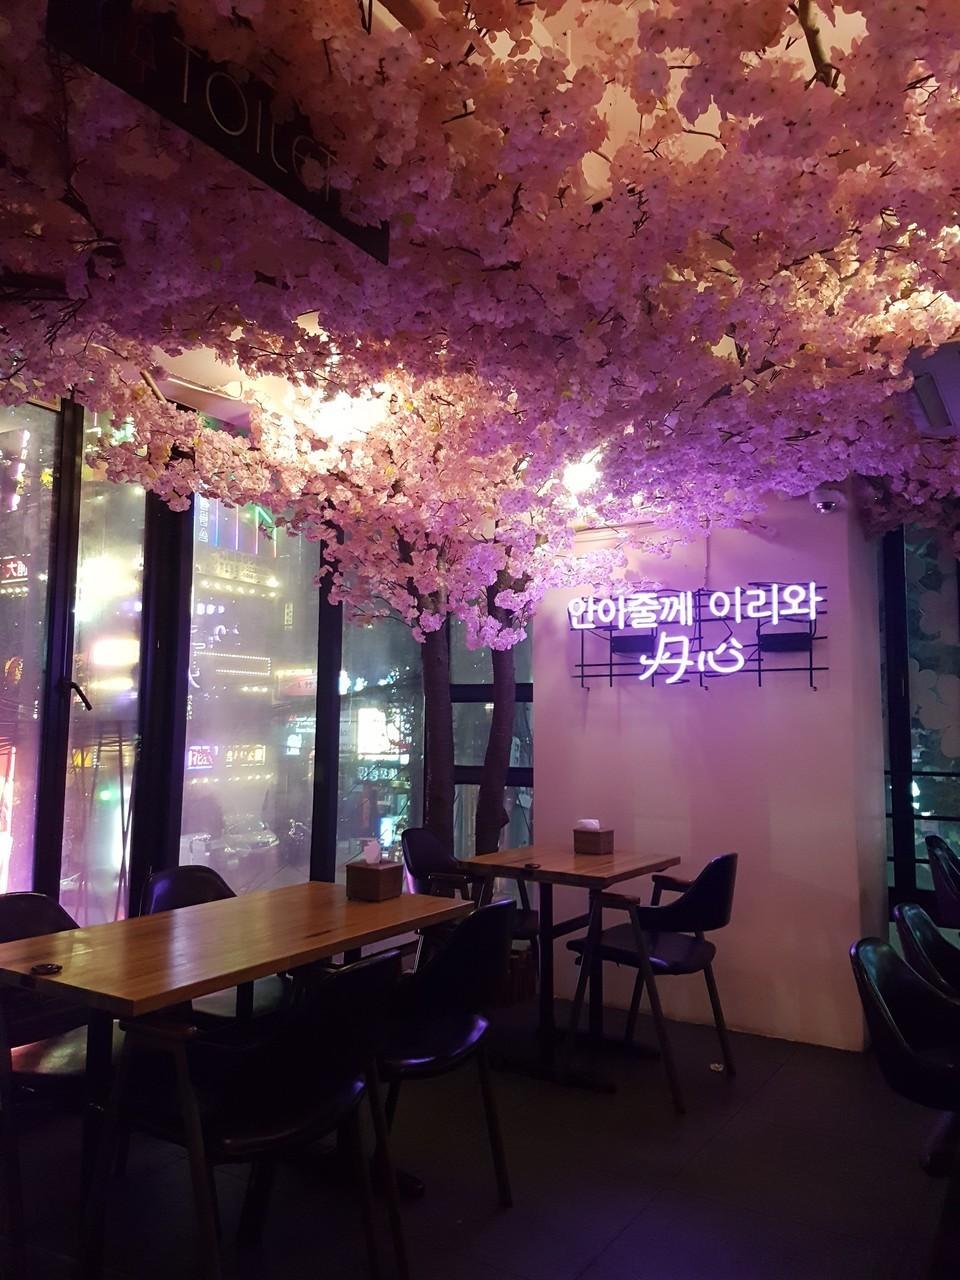 An Izakaya In Seoul By Me On We Heart It